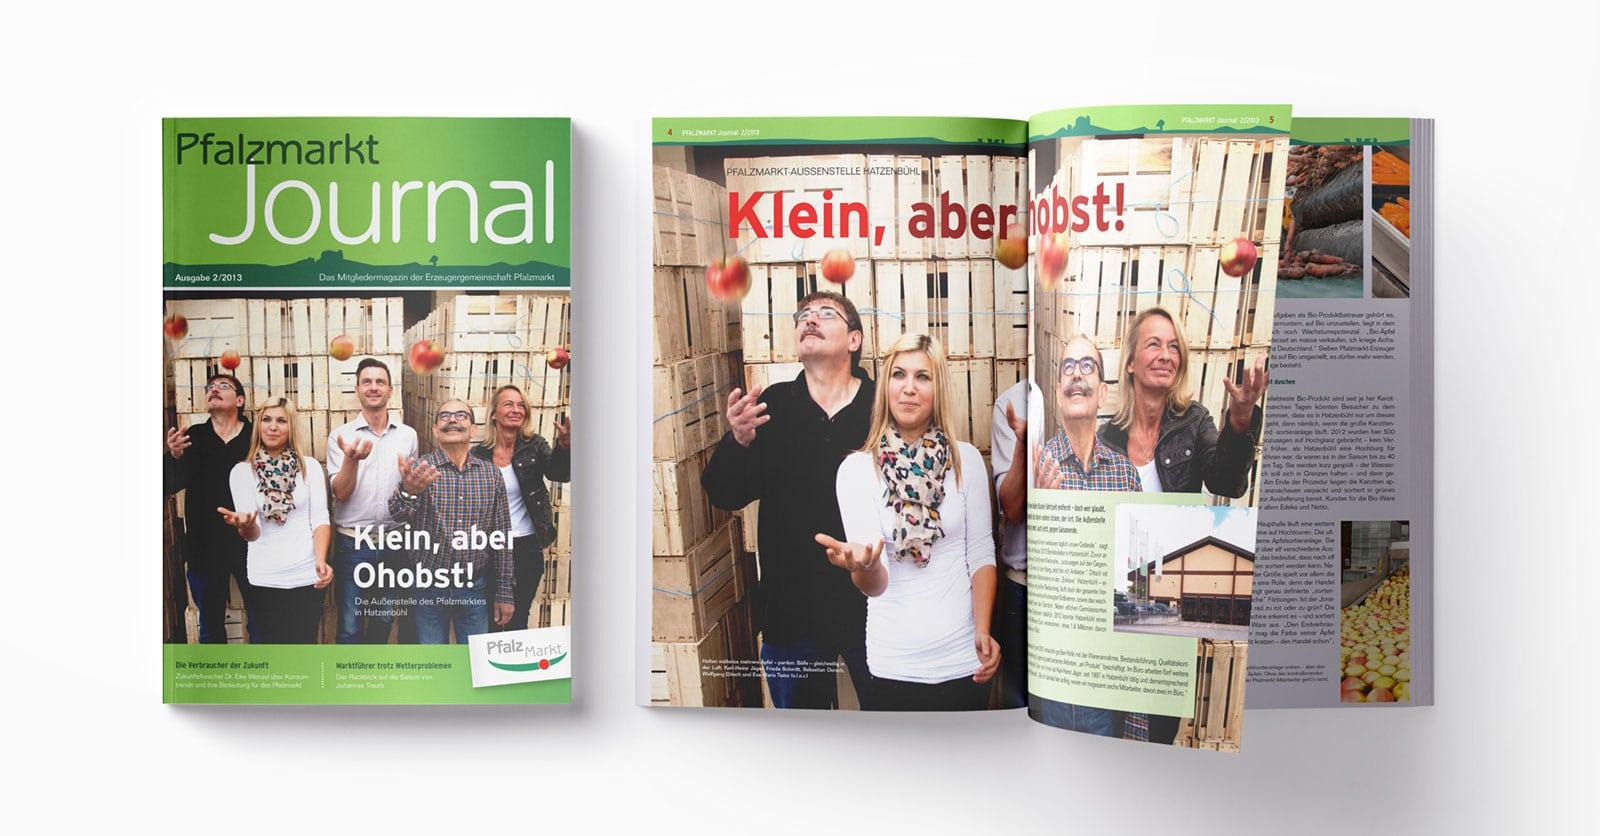 Pfalzmarkt Journal Ausgabe 2-2013